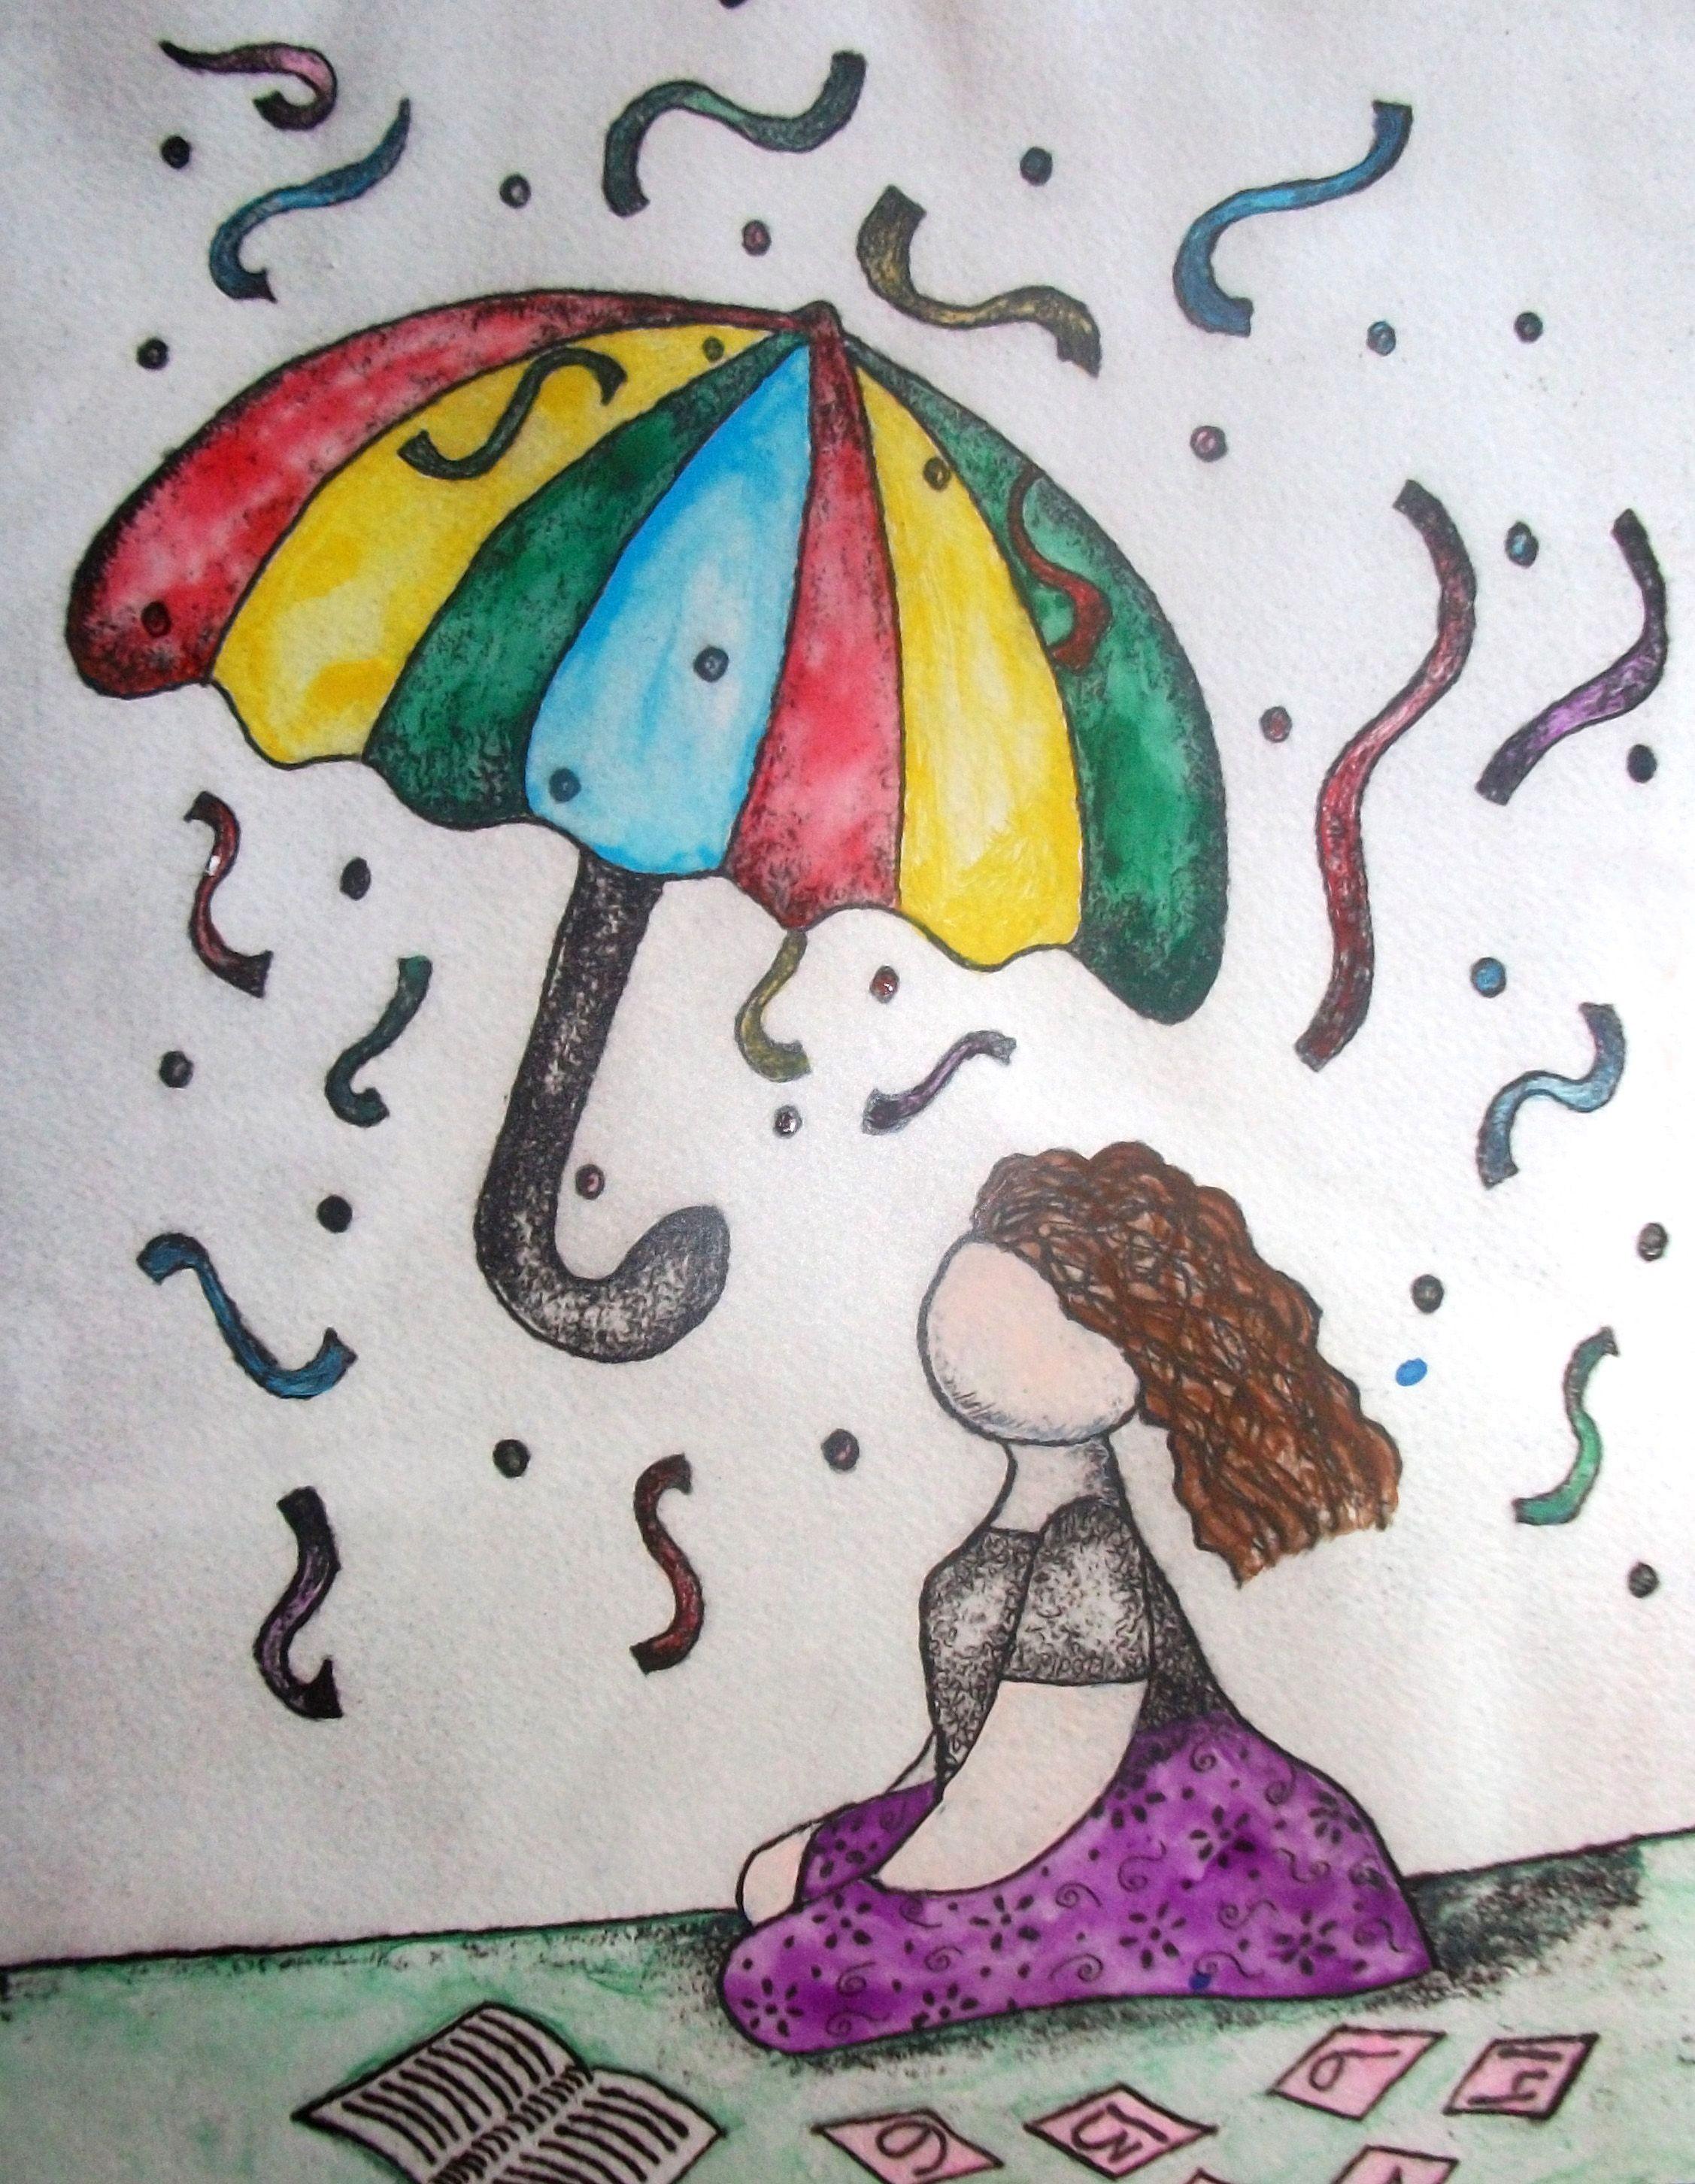 """Autor: Ana Arista, """"Paraguas"""", técnica: mixta (grabado, fotografía y acuarela)."""